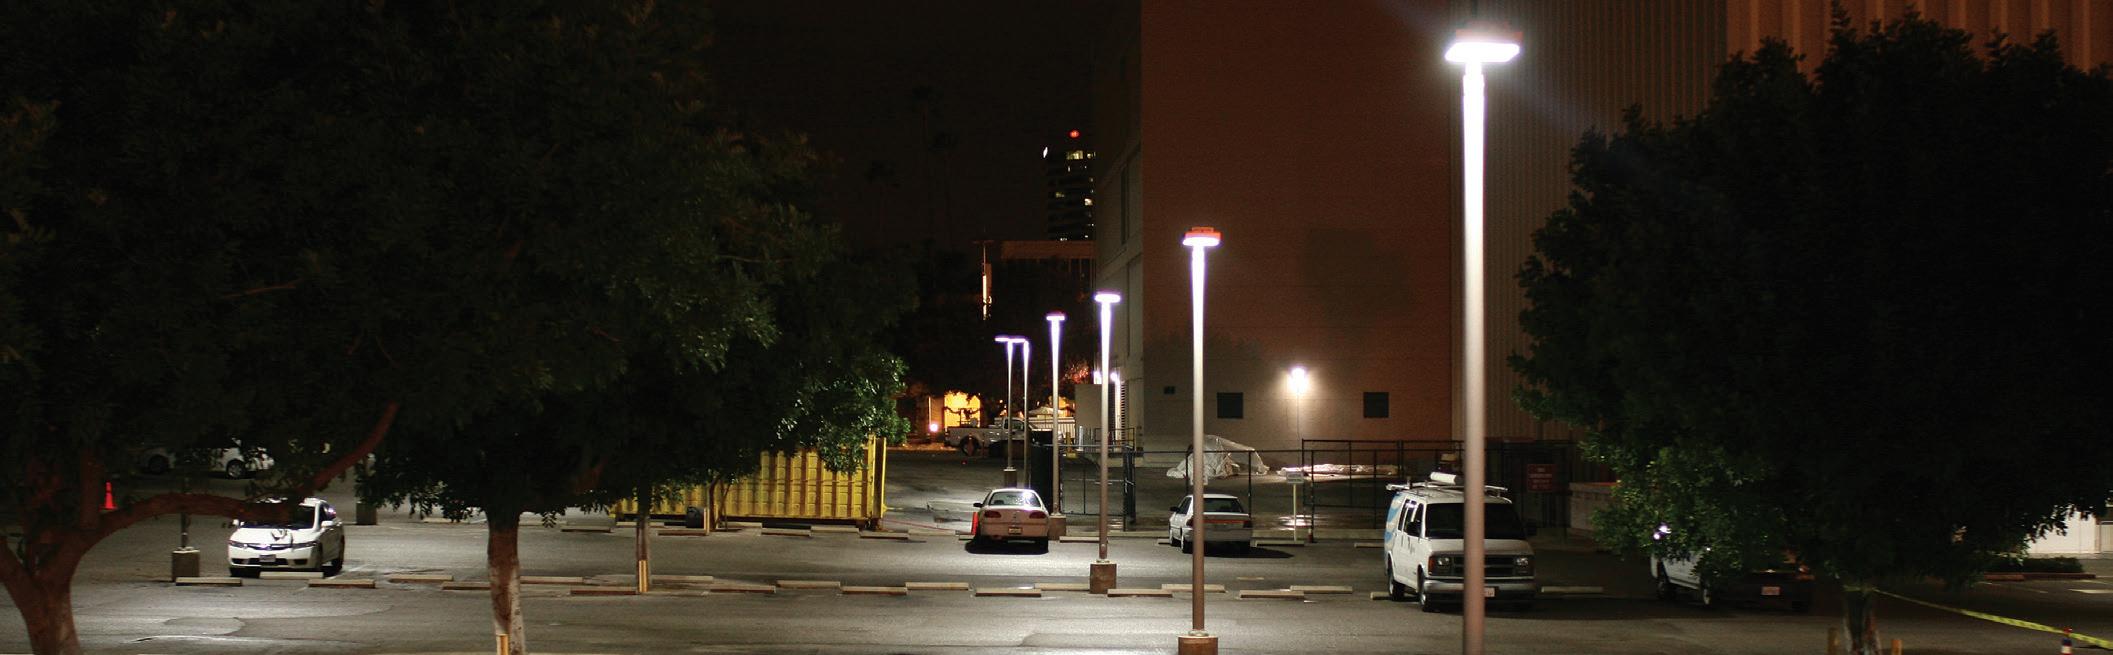 projecteur-NEMA-eclairage-routiers-urbains